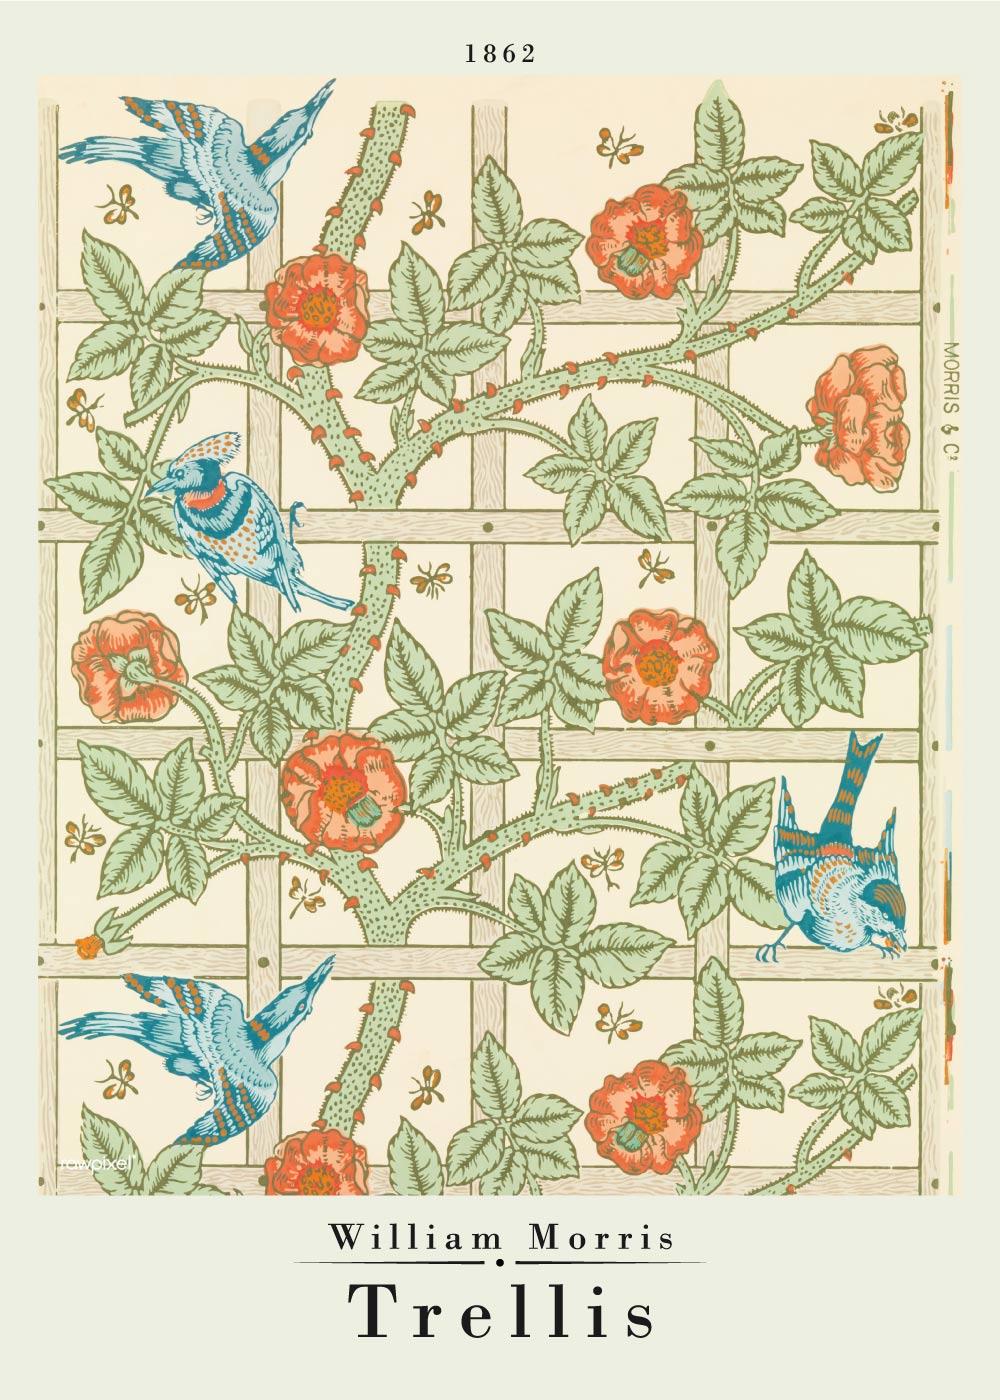 Billede af Trellis - William Morris kunstplakat